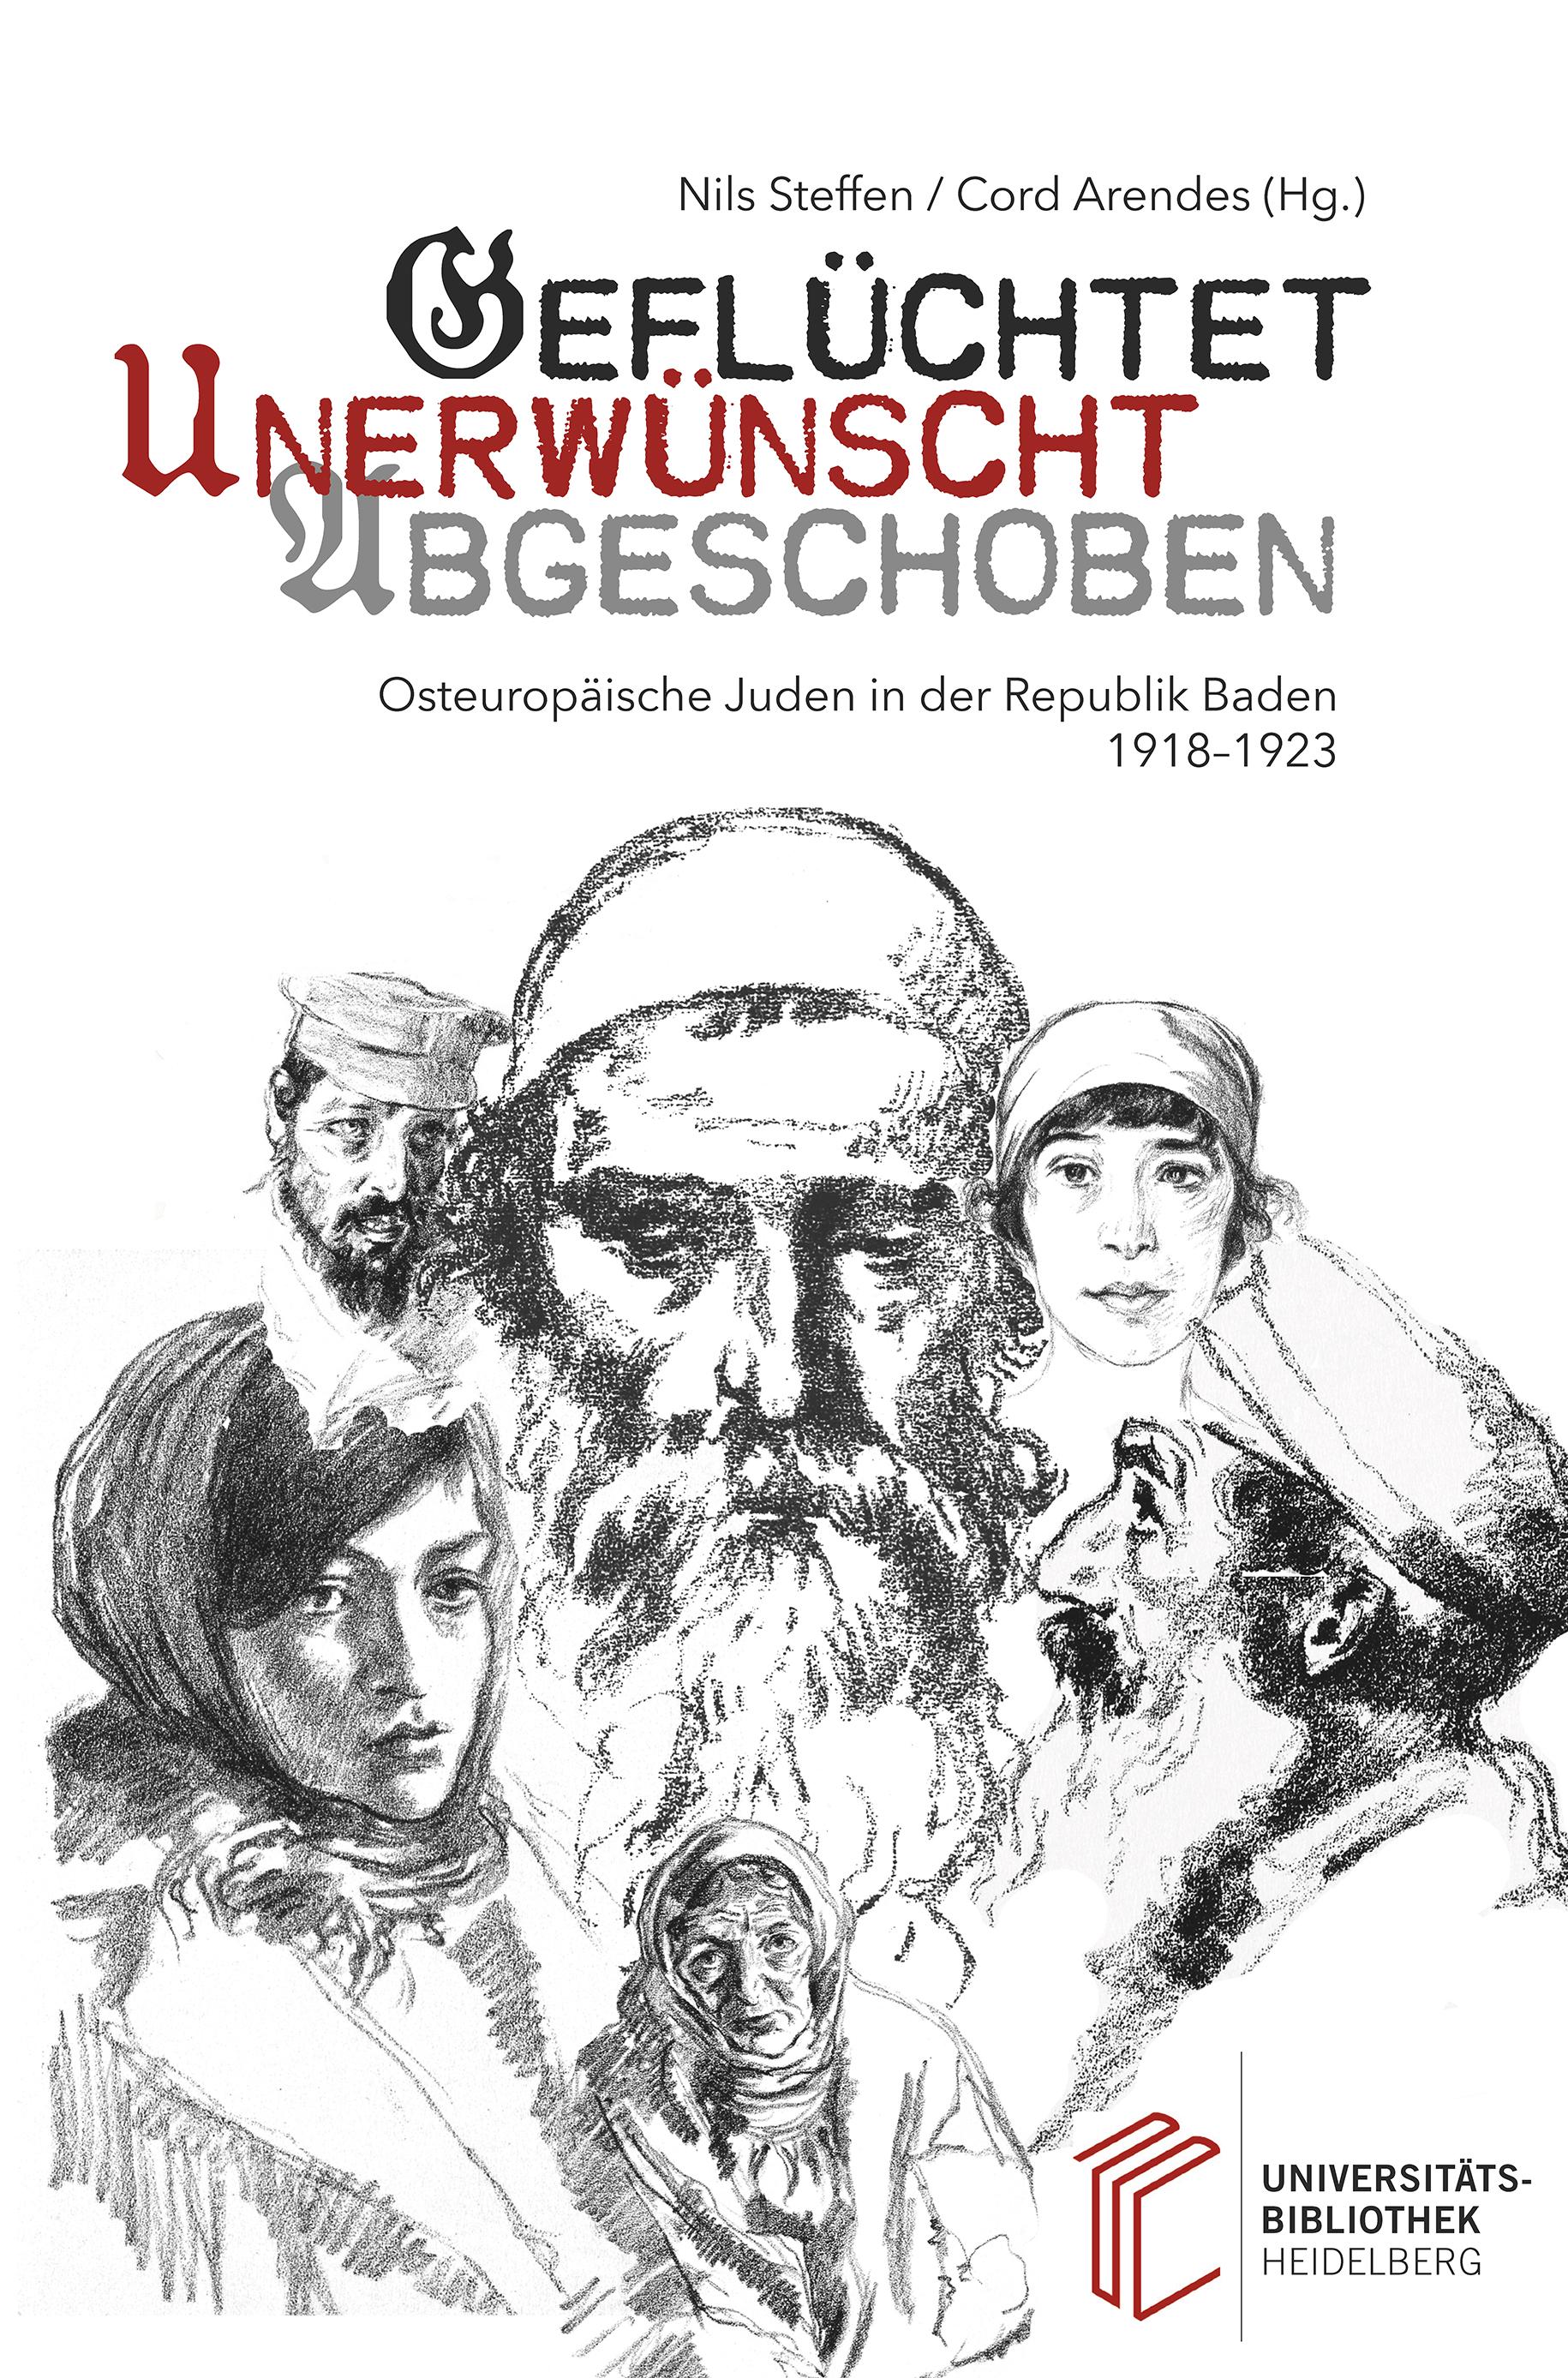 Geflüchtet, unerwünscht, abgeschoben, Nils Steffen